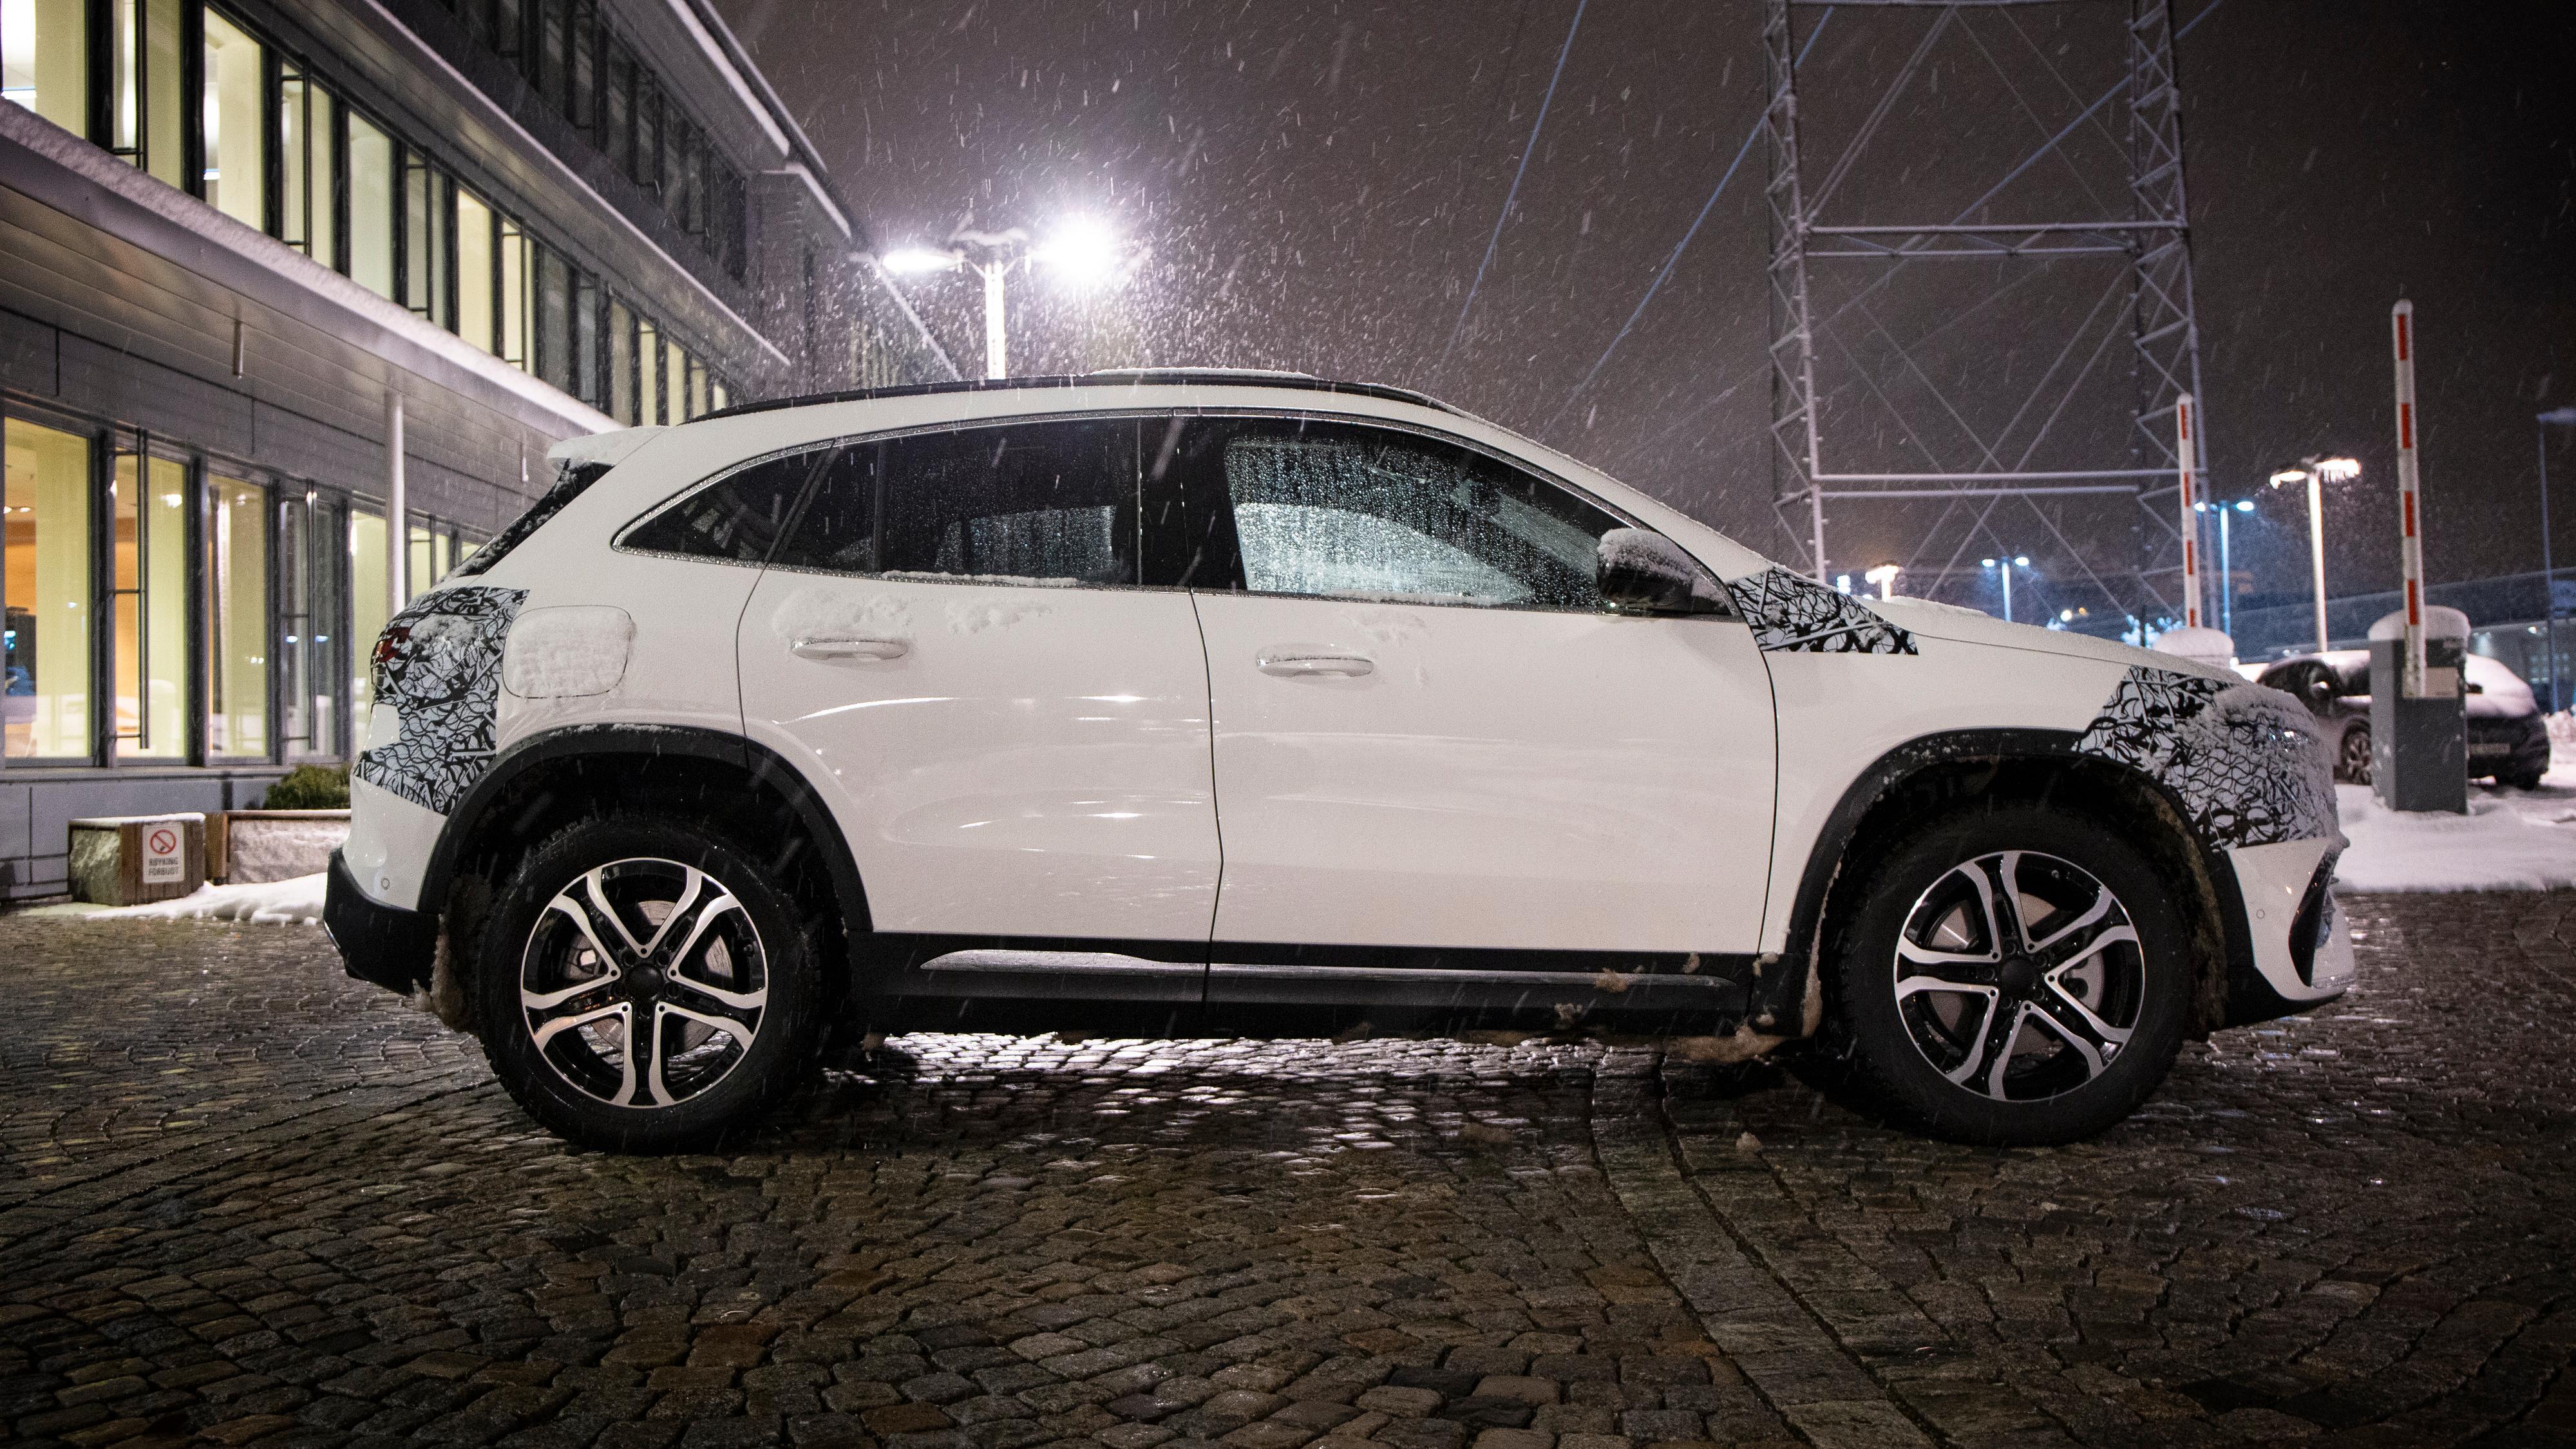 Her er Mercedes-Benz' nye elbil - vi har allerede tatt en prøvetur